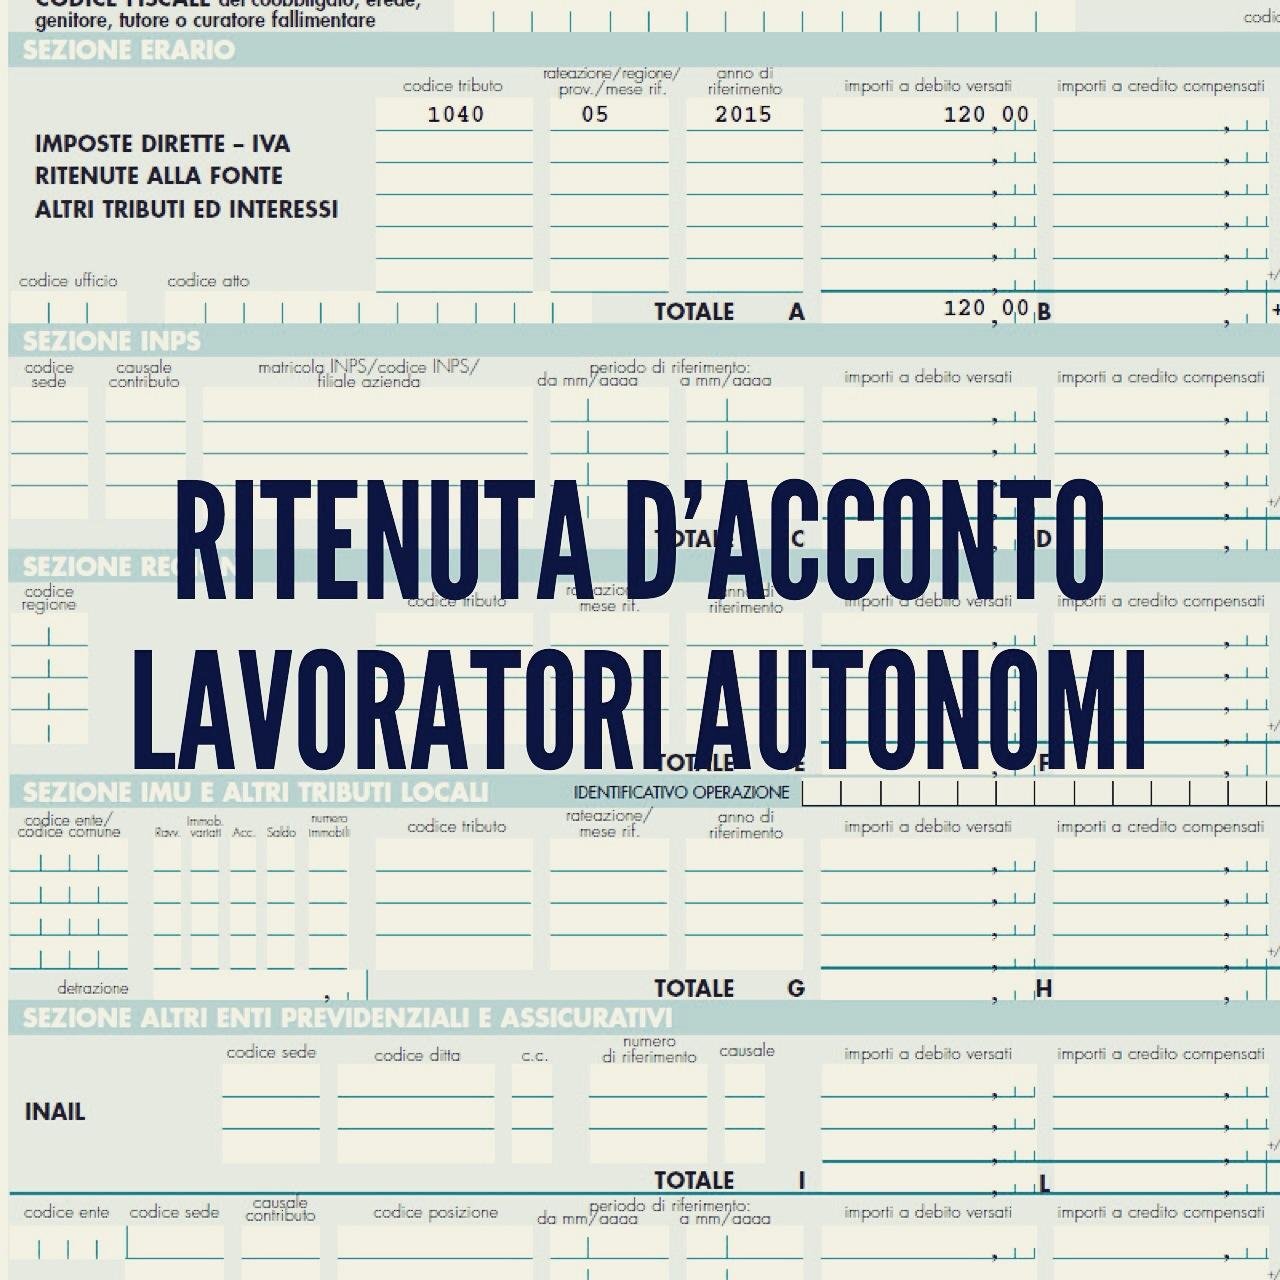 Célèbre Ritenuta d'acconto lavoratori autonomi - Studio Micera BY06